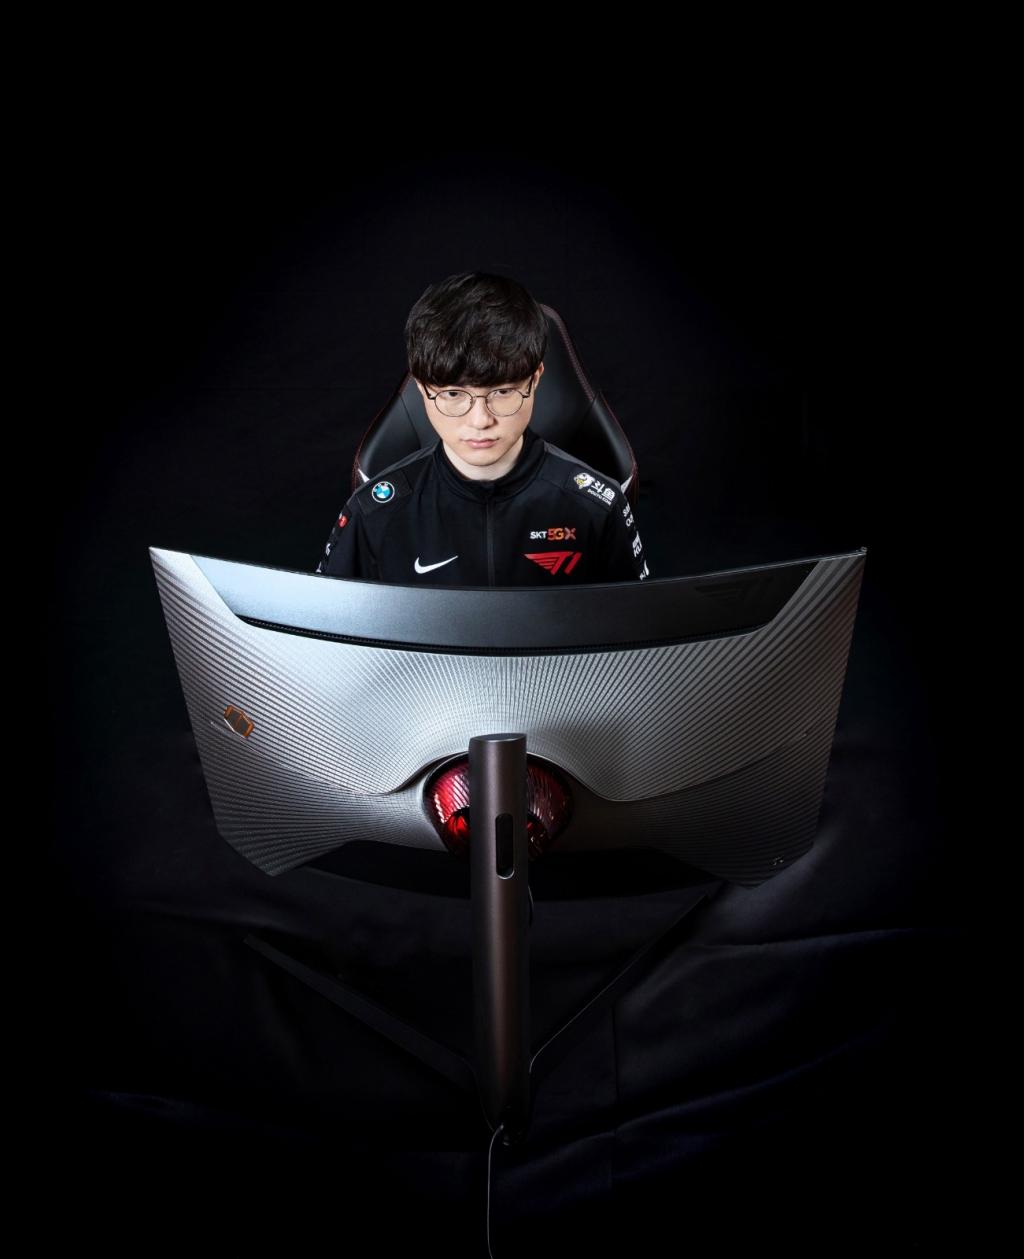 삼성전자, 게이밍 모니터 '오디세이 G7 T1 페이커 에디션' 국내 출시